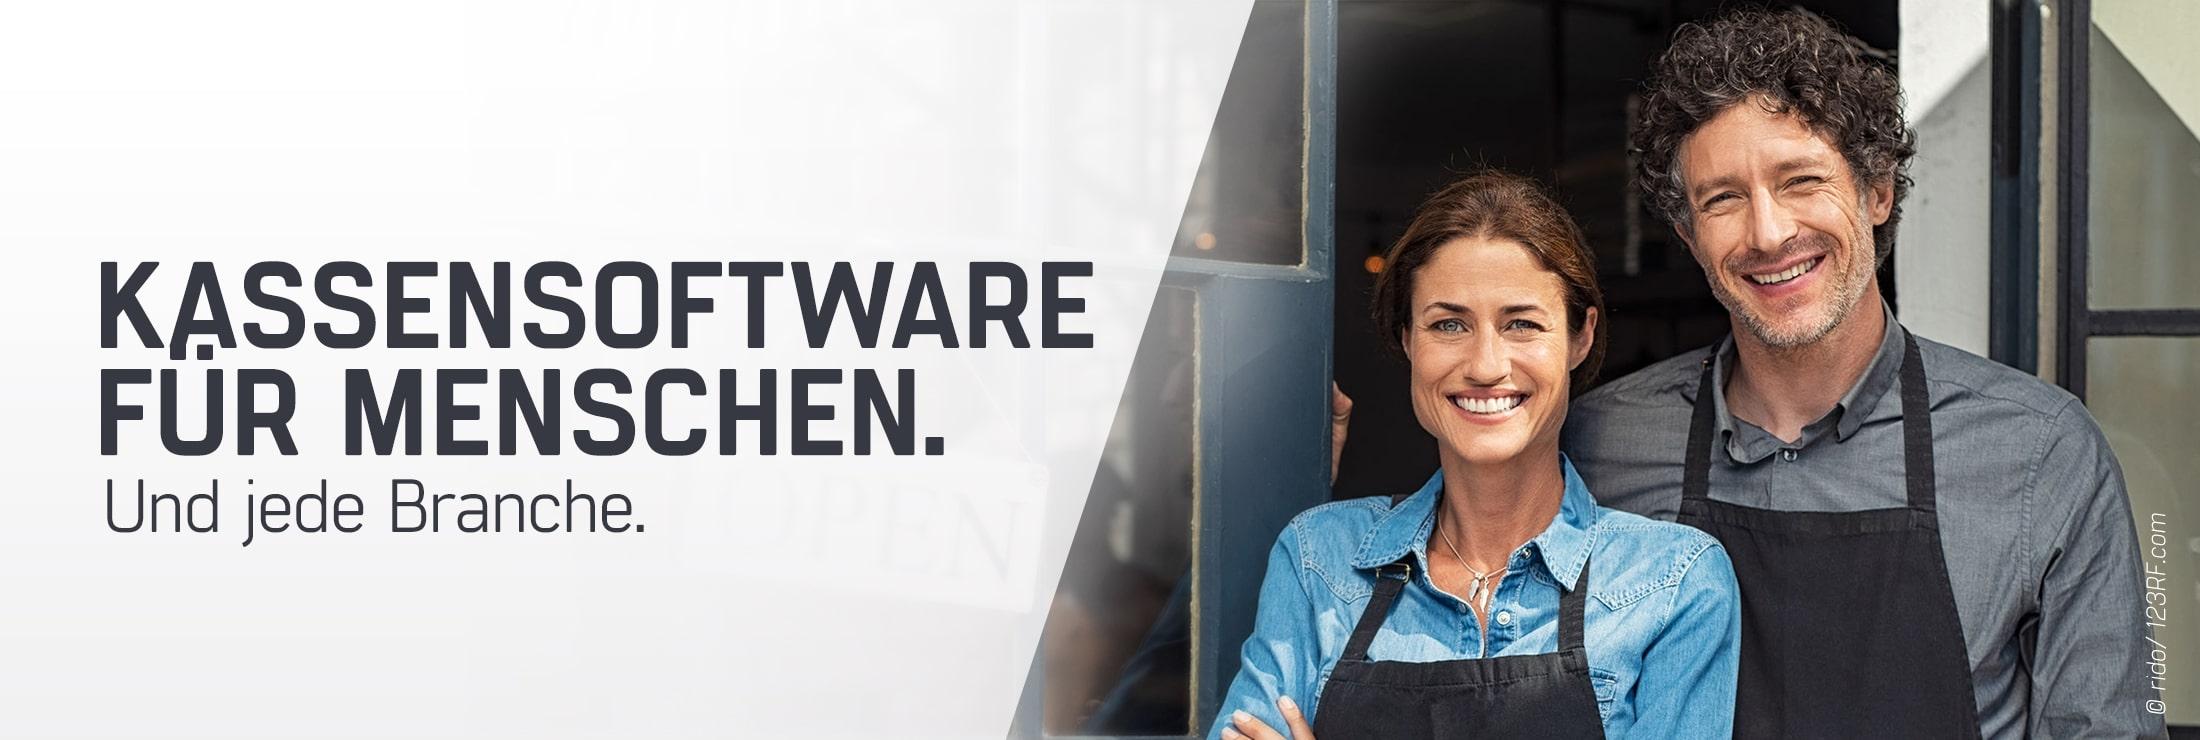 Mann und Frau vor einem Einzelhandel bzw. Gastronomie Betrieb der geöffnet hat, beide sind glücklich mit ihrem TSE Kassensystem von GastroSoft